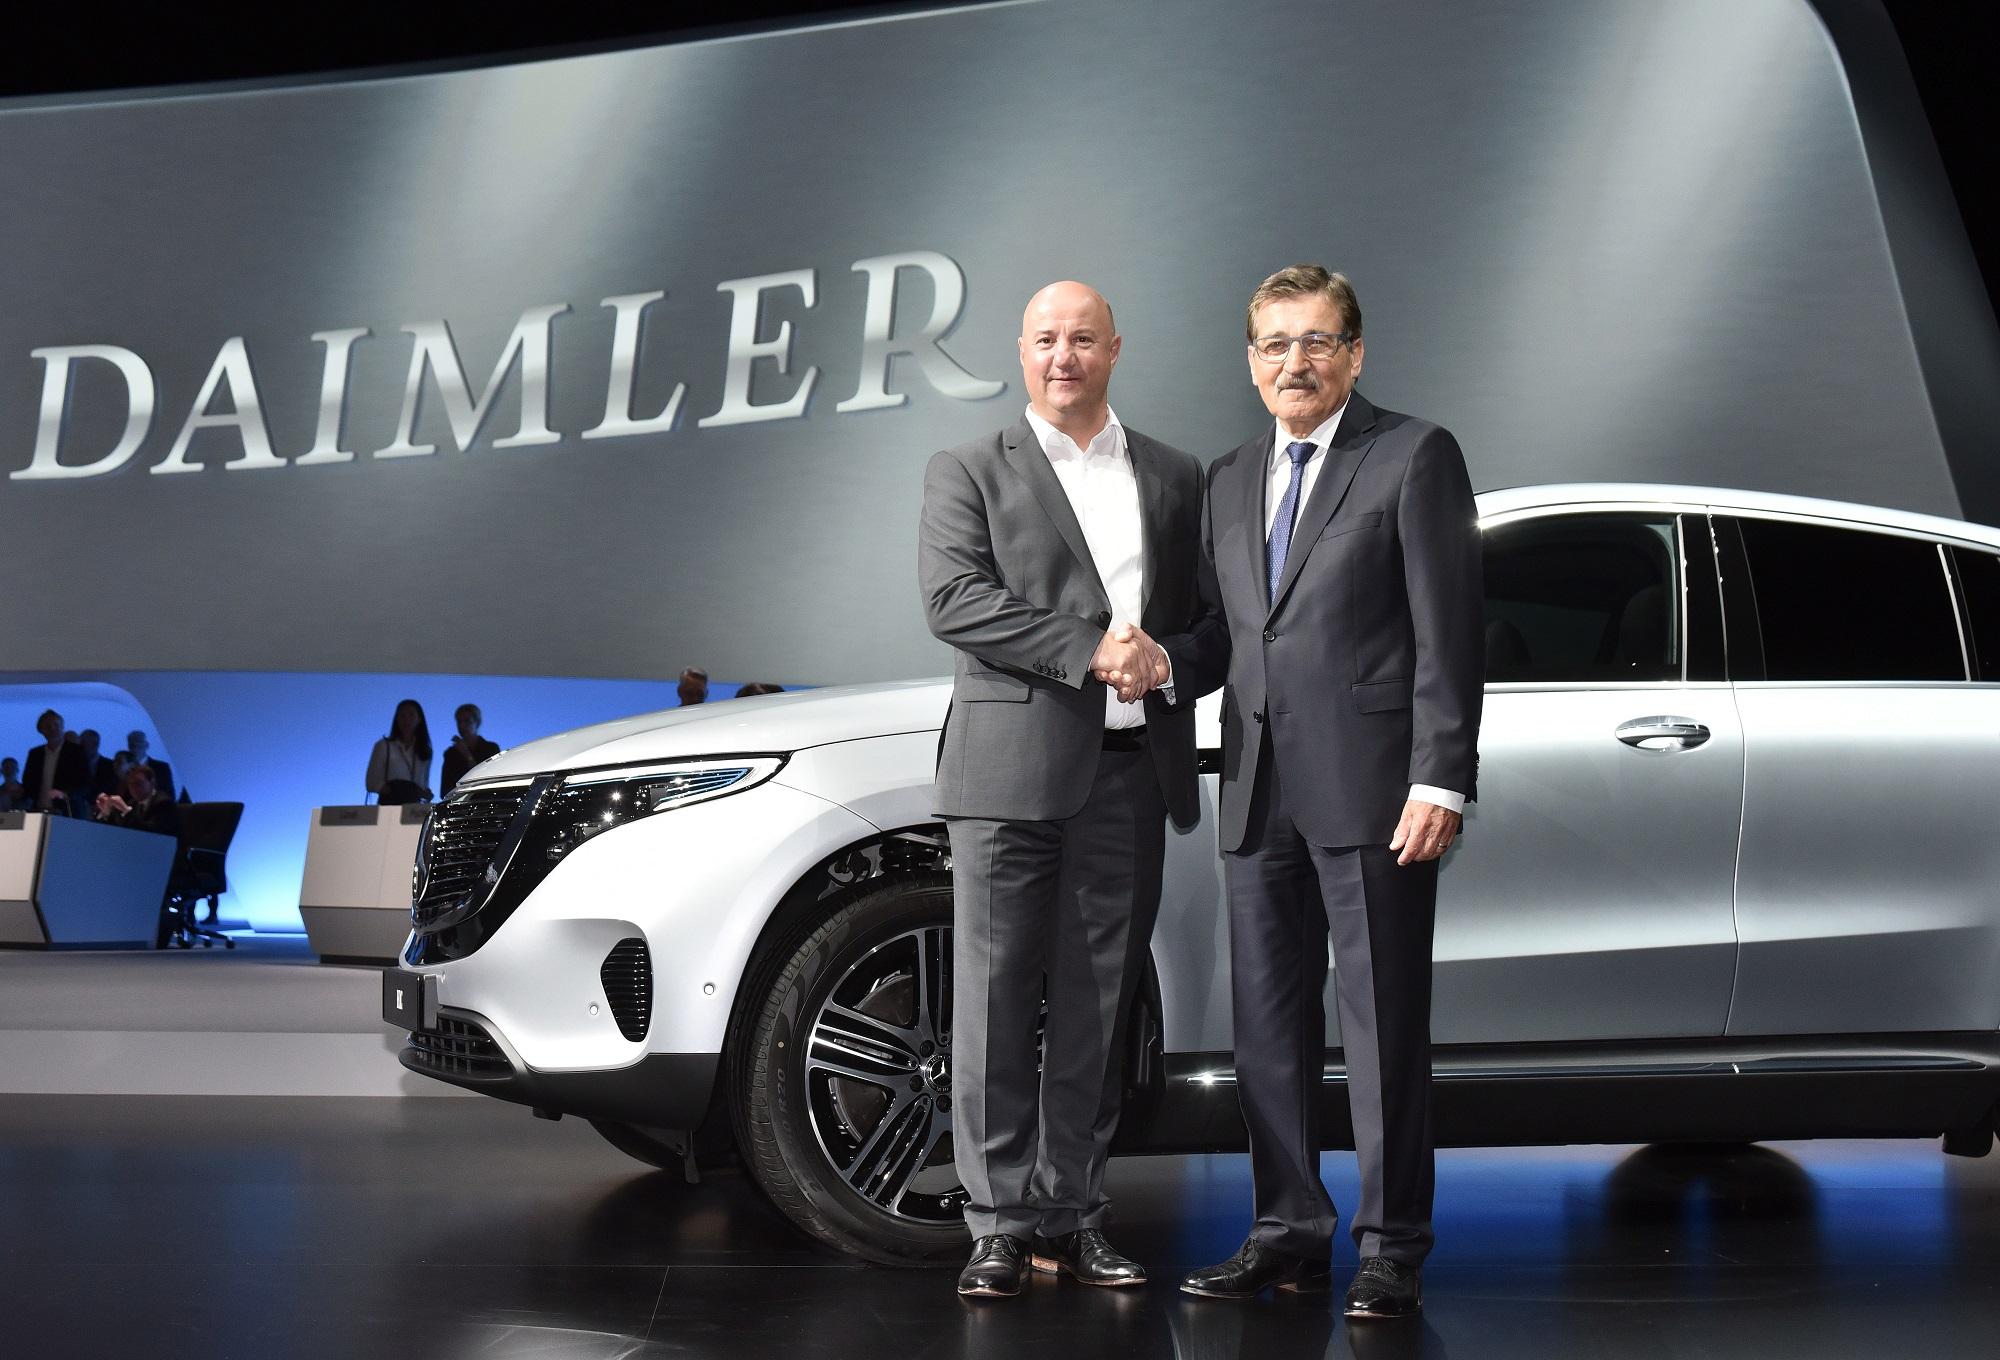 Hauptversammlung der Daimler AG am 22. Mai 2019 in Berlin Annual General Meeting of Daimler AG on May 22, 2019 in Berlin